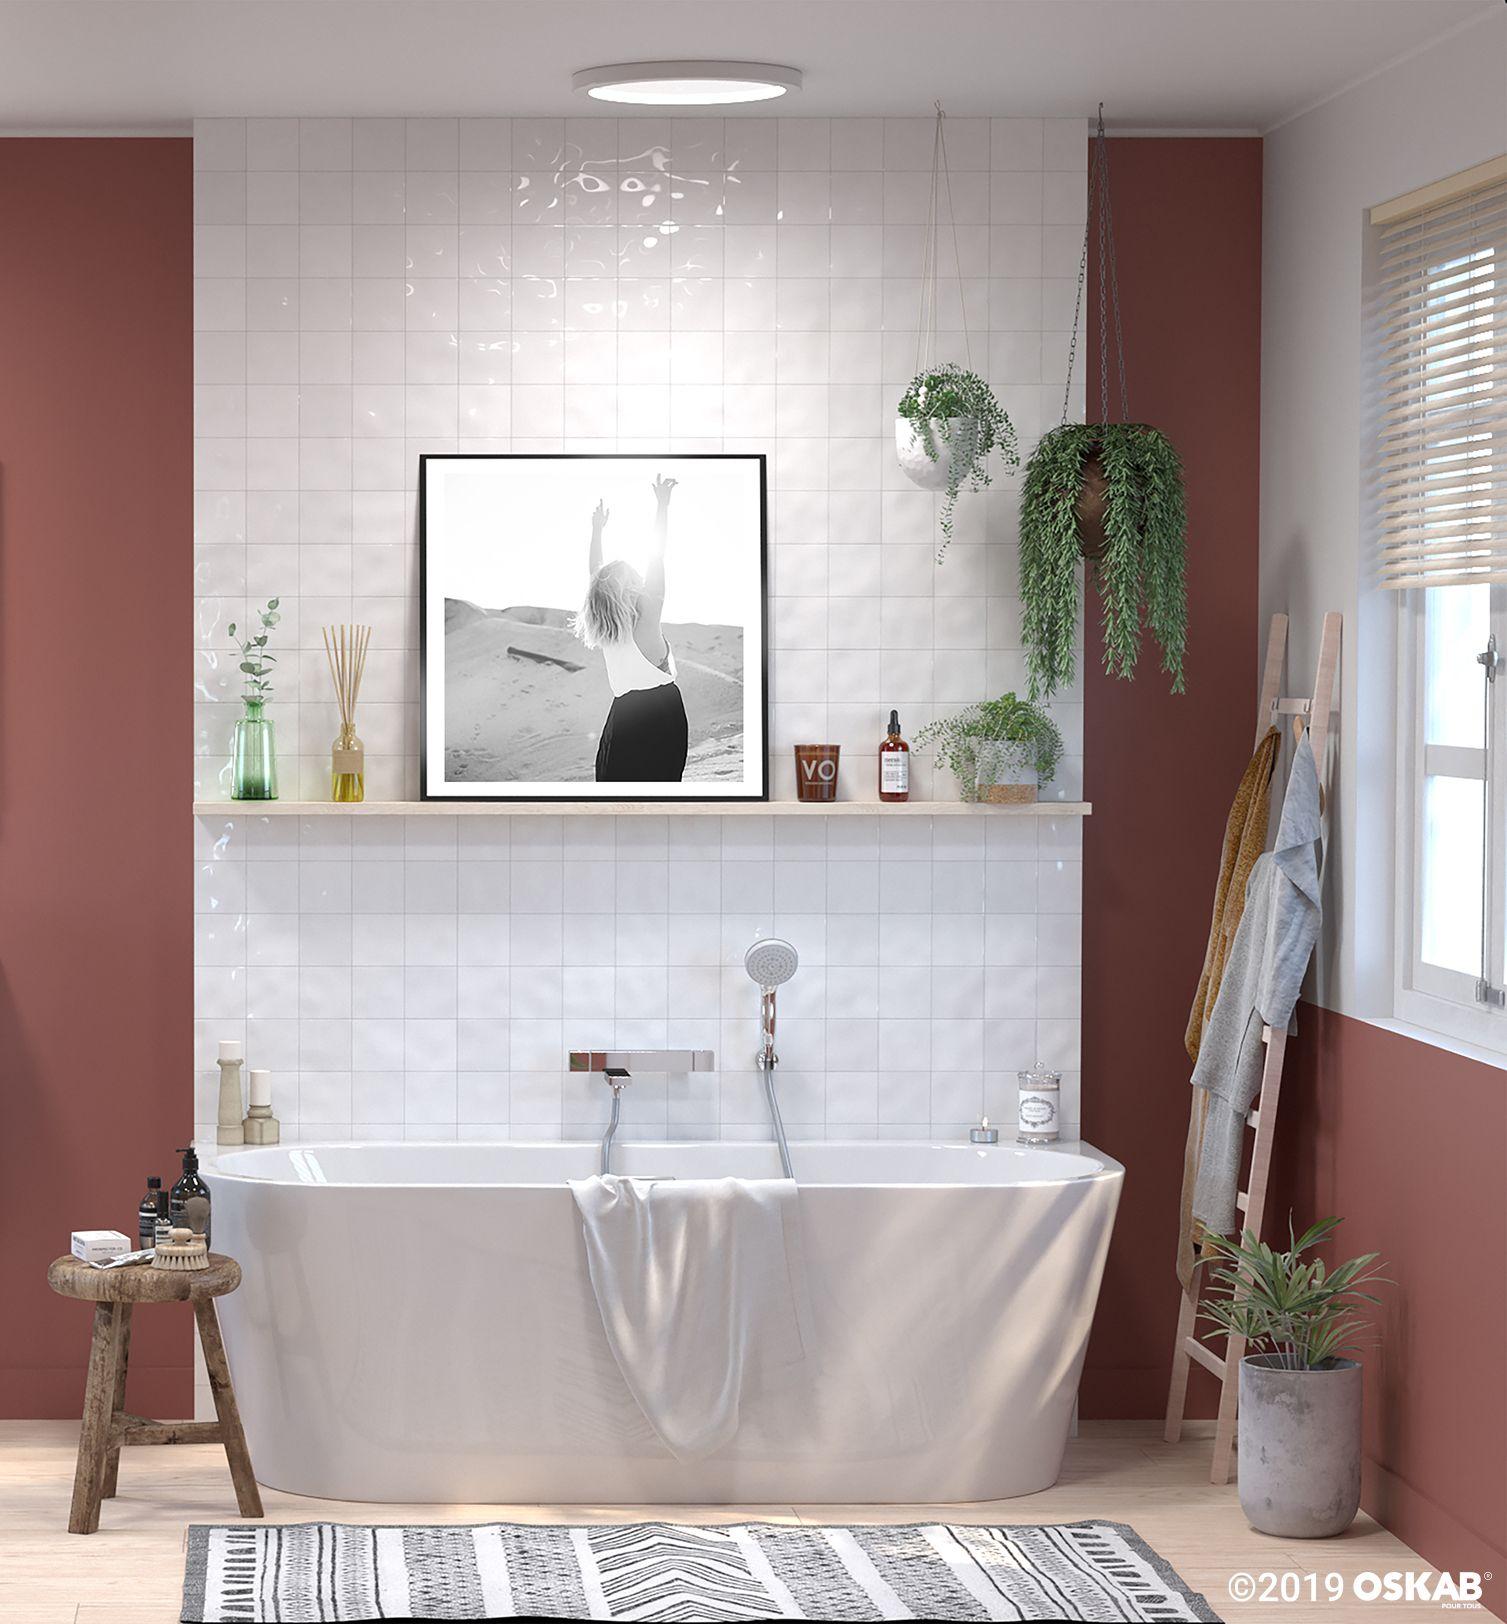 Baignoire Ilot Murale Ovale 170x75 Cm Acrylique Renforce Zeen En 2020 Baignoire Idees Salle De Bain Idee Salle De Bain